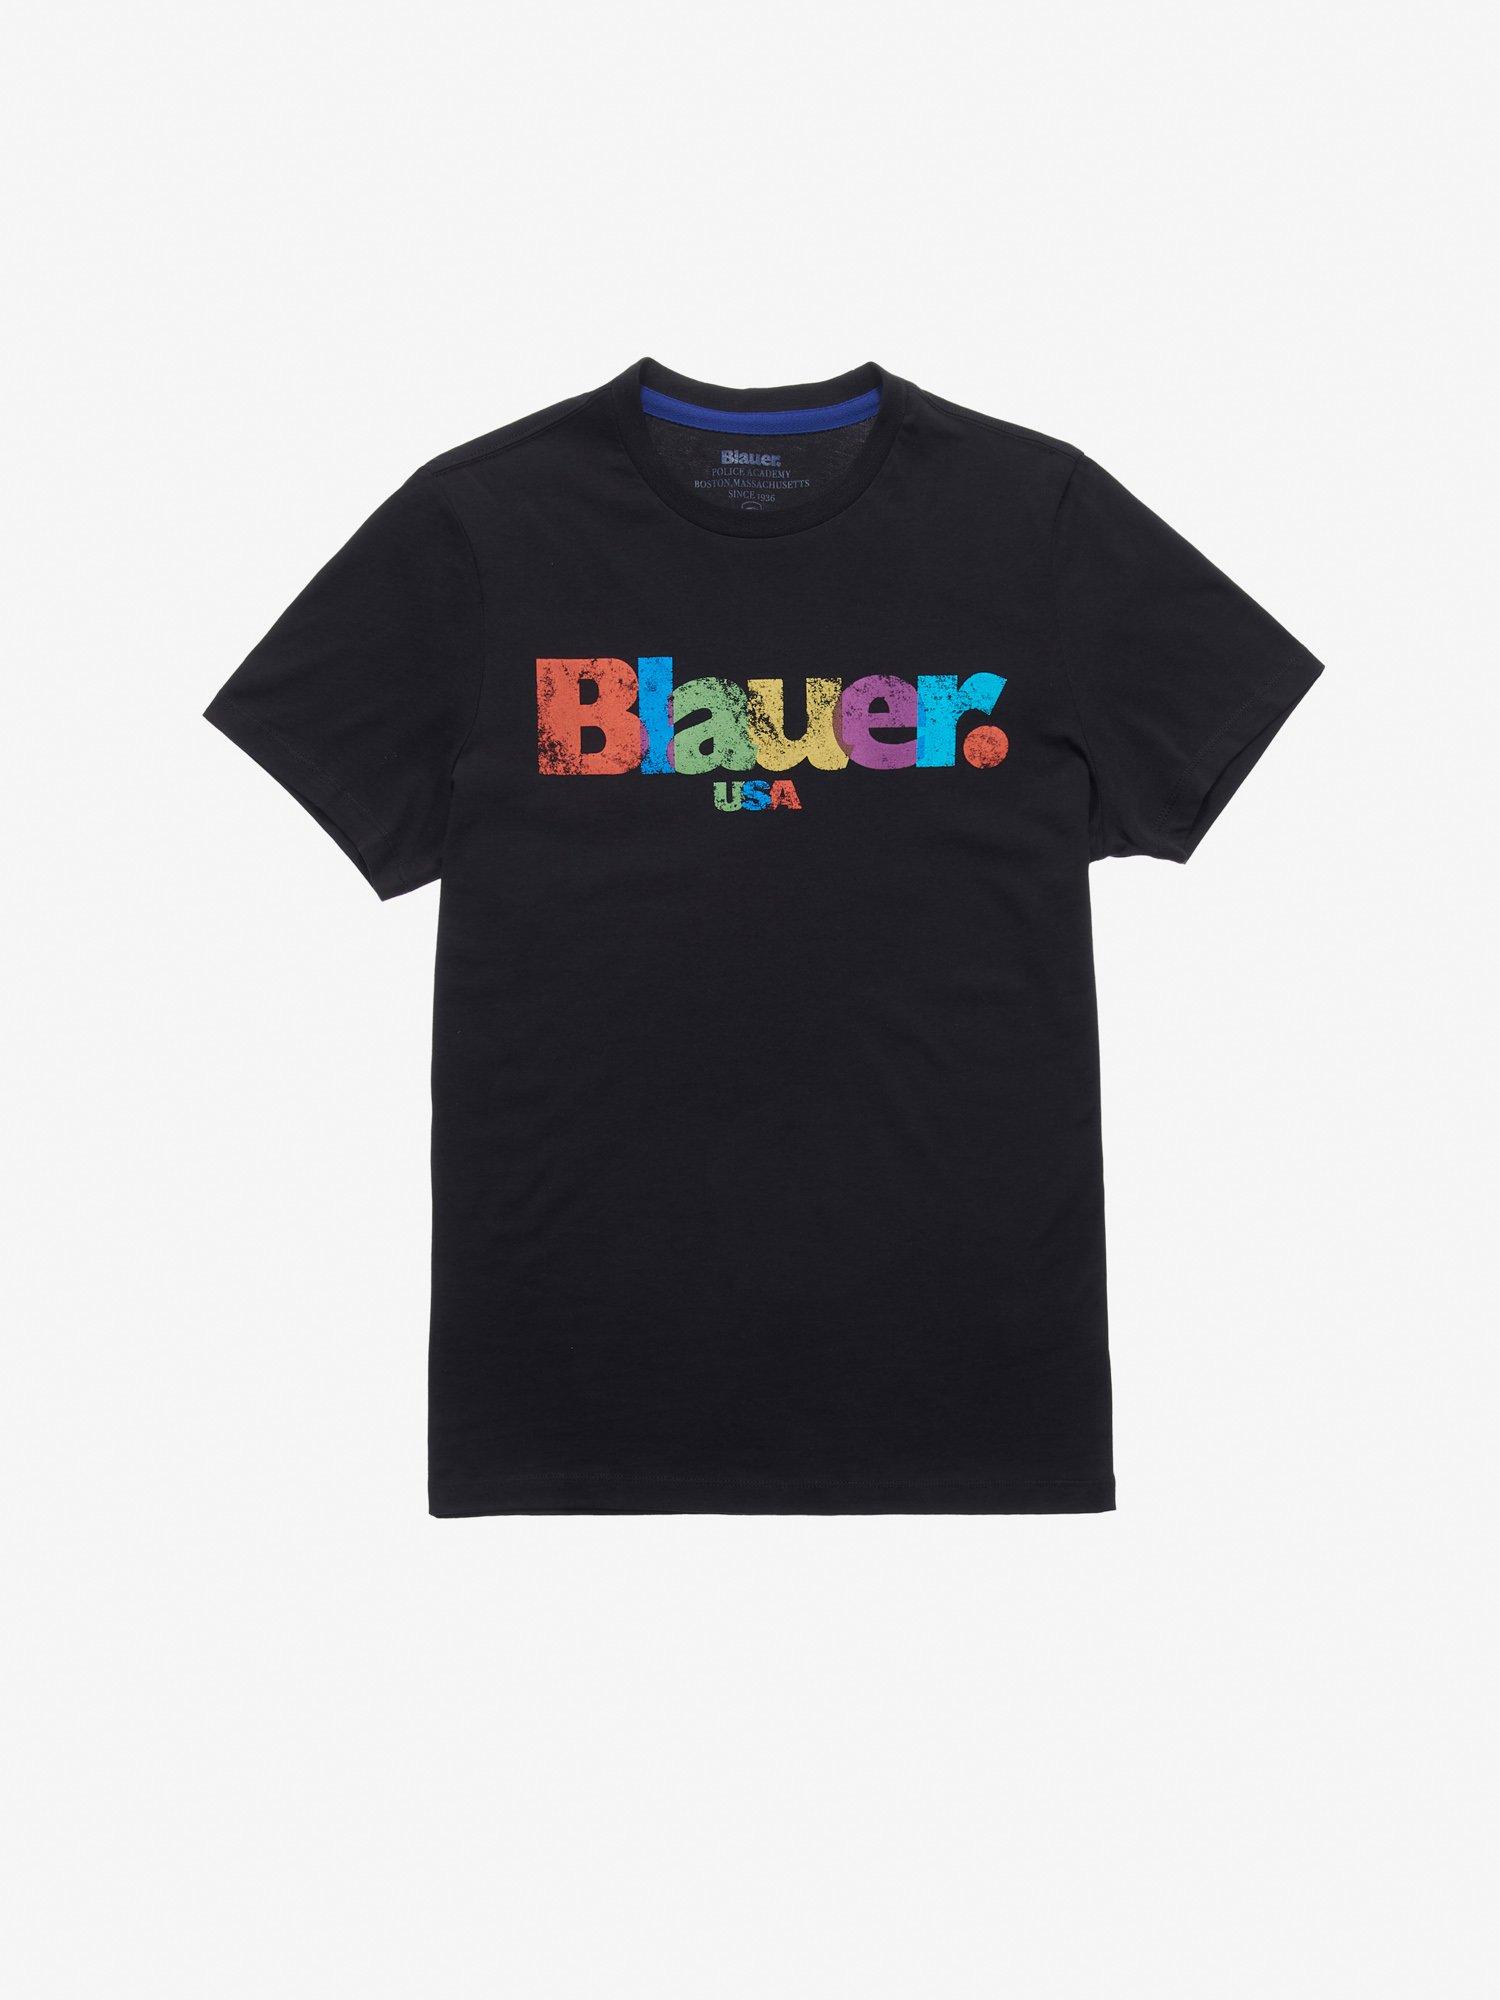 MULTICOLOR PRINT T-SHIRT - Blauer